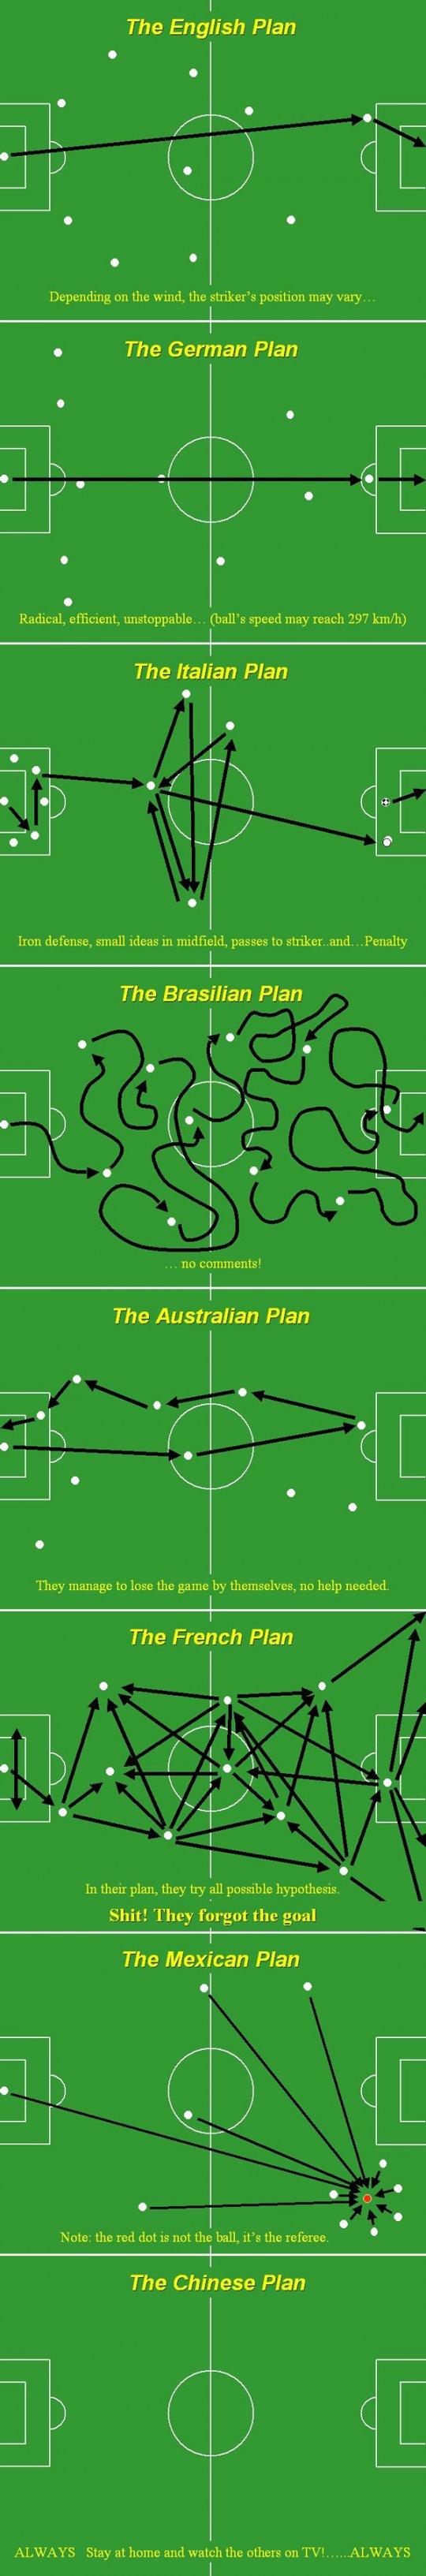 Coupe du monde de football - Les différentes stratégies